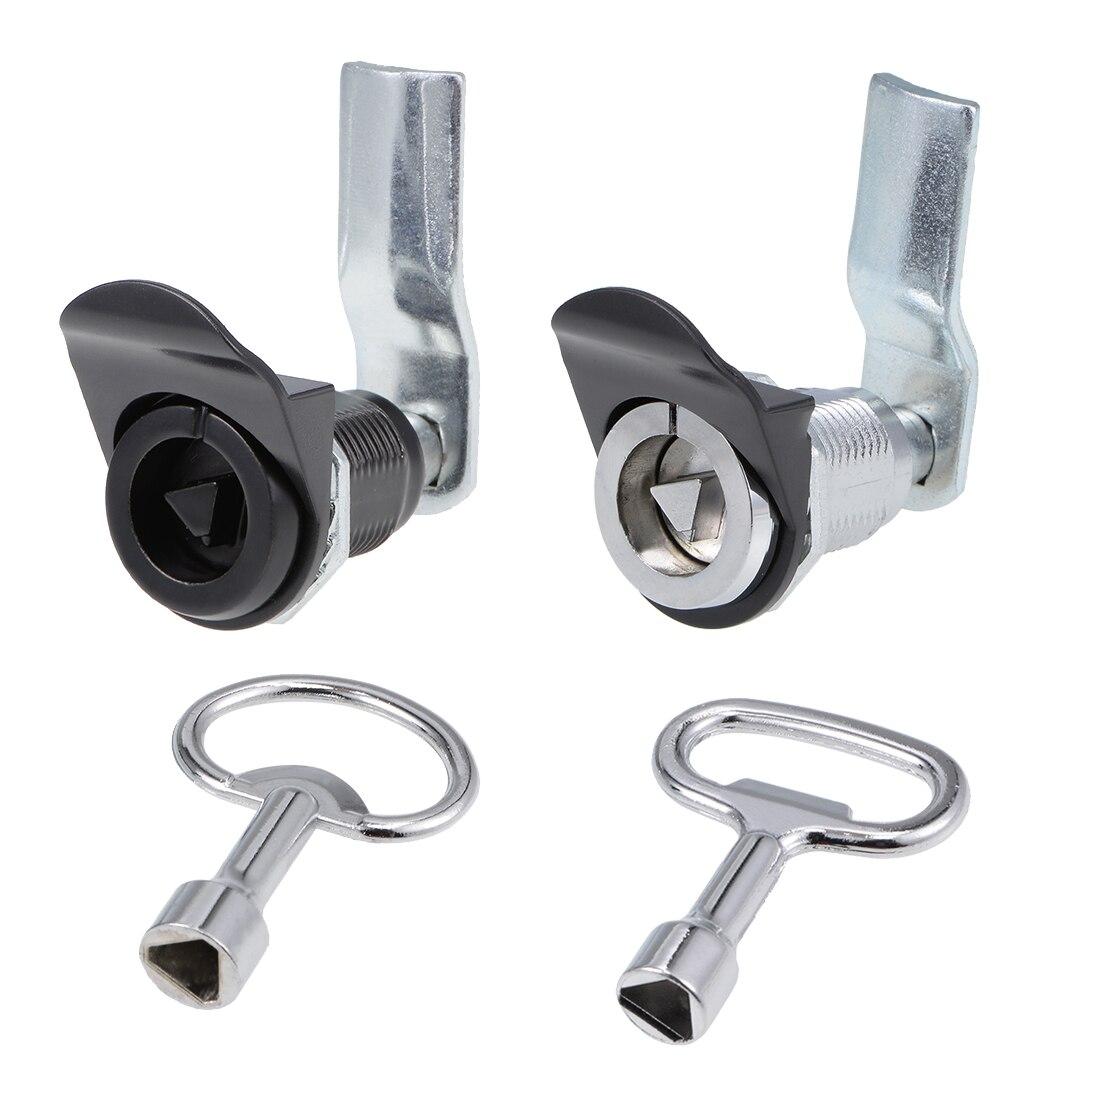 22mm Cylinder Zinc Alloy Chrome Finish Cam Lock w Triangle Key Keyed Alike